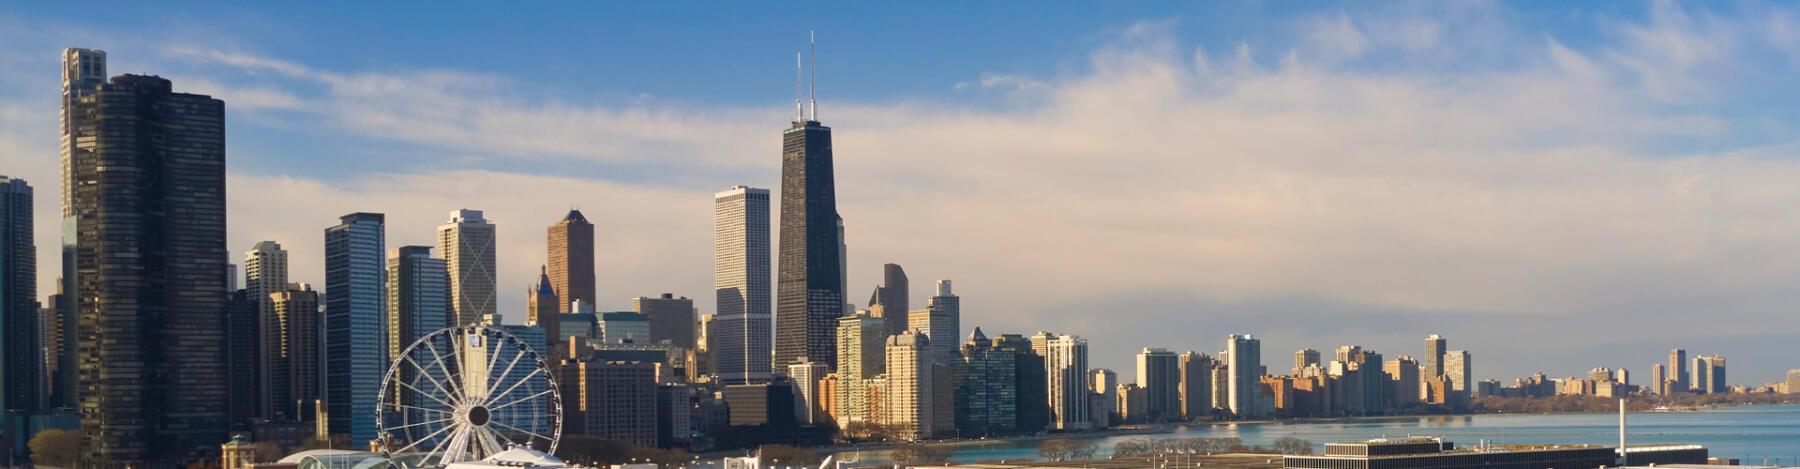 Chicago Navy Pier 1920×500